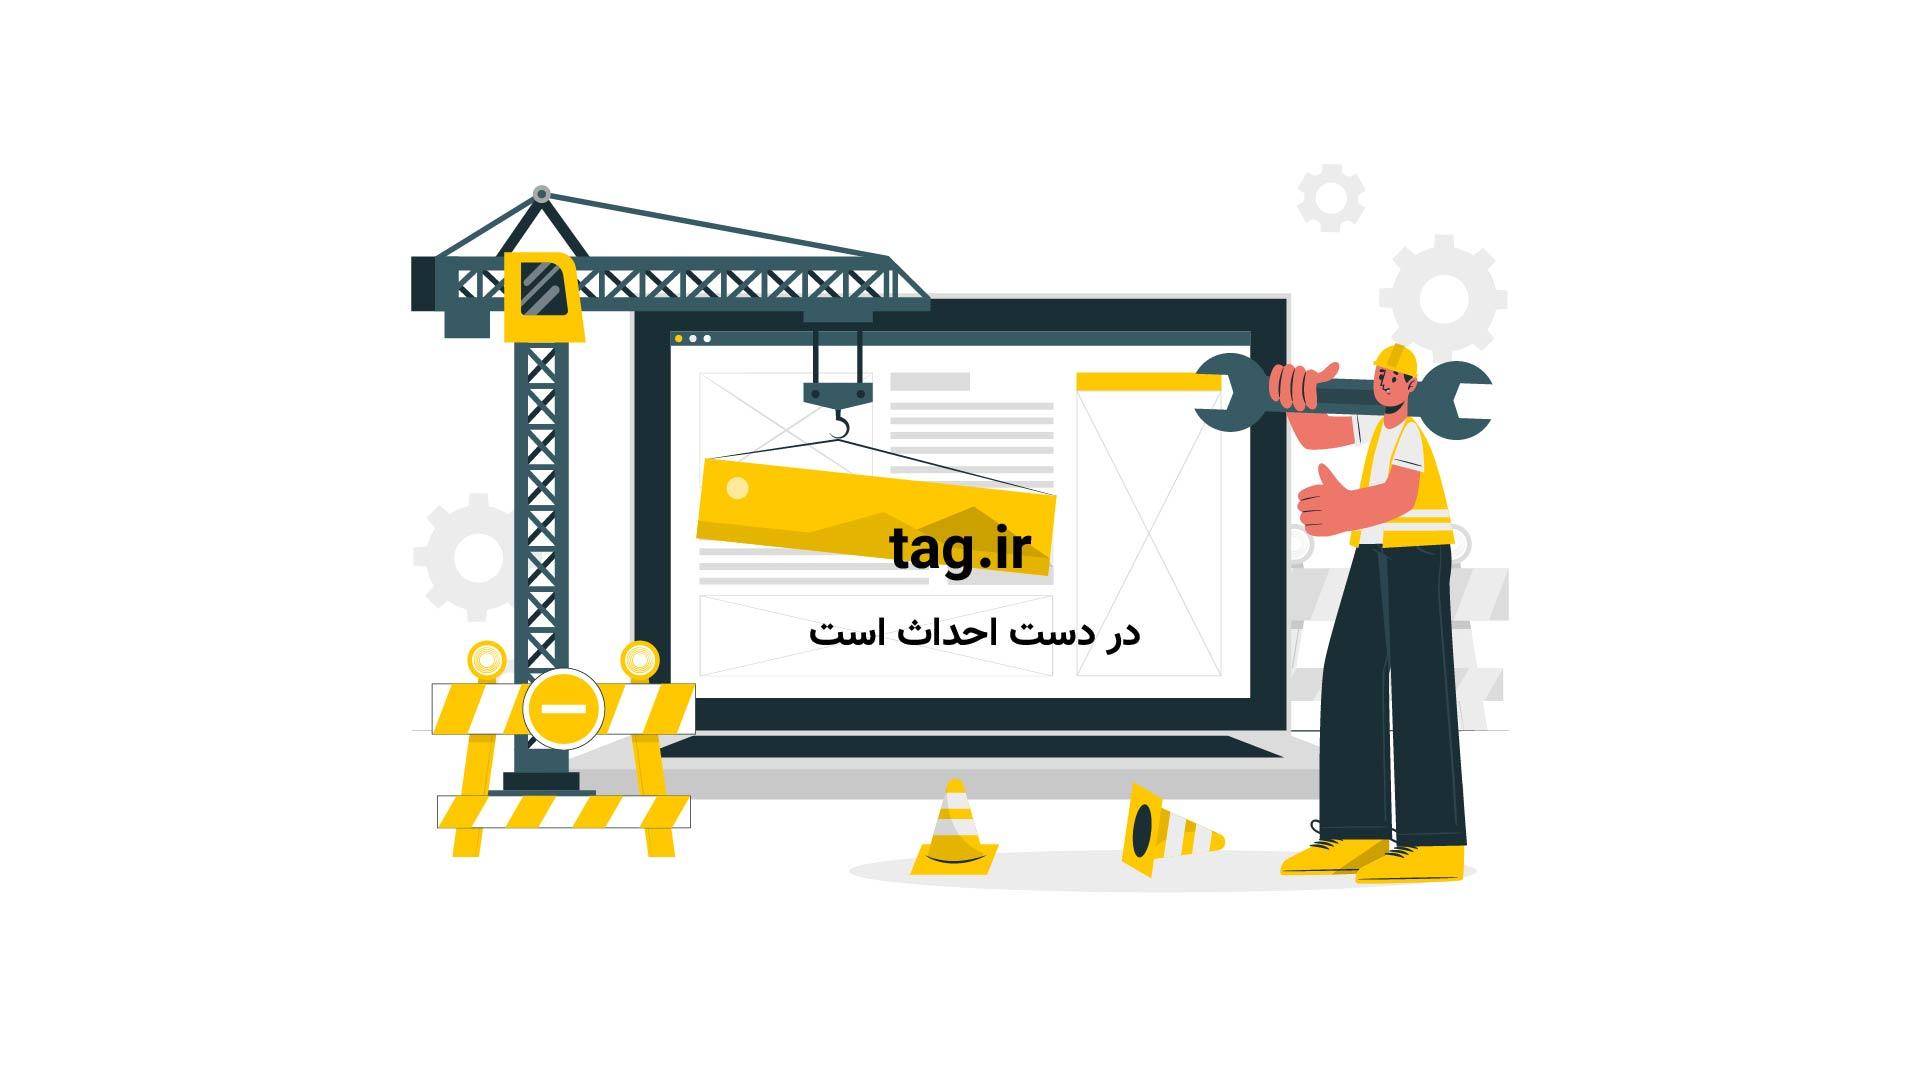 مهتاب کرامتی سفیر حسن نیت یونیسف، نکاتی از پیمان نامه حقوق کودک را بیان میکند + فیلم